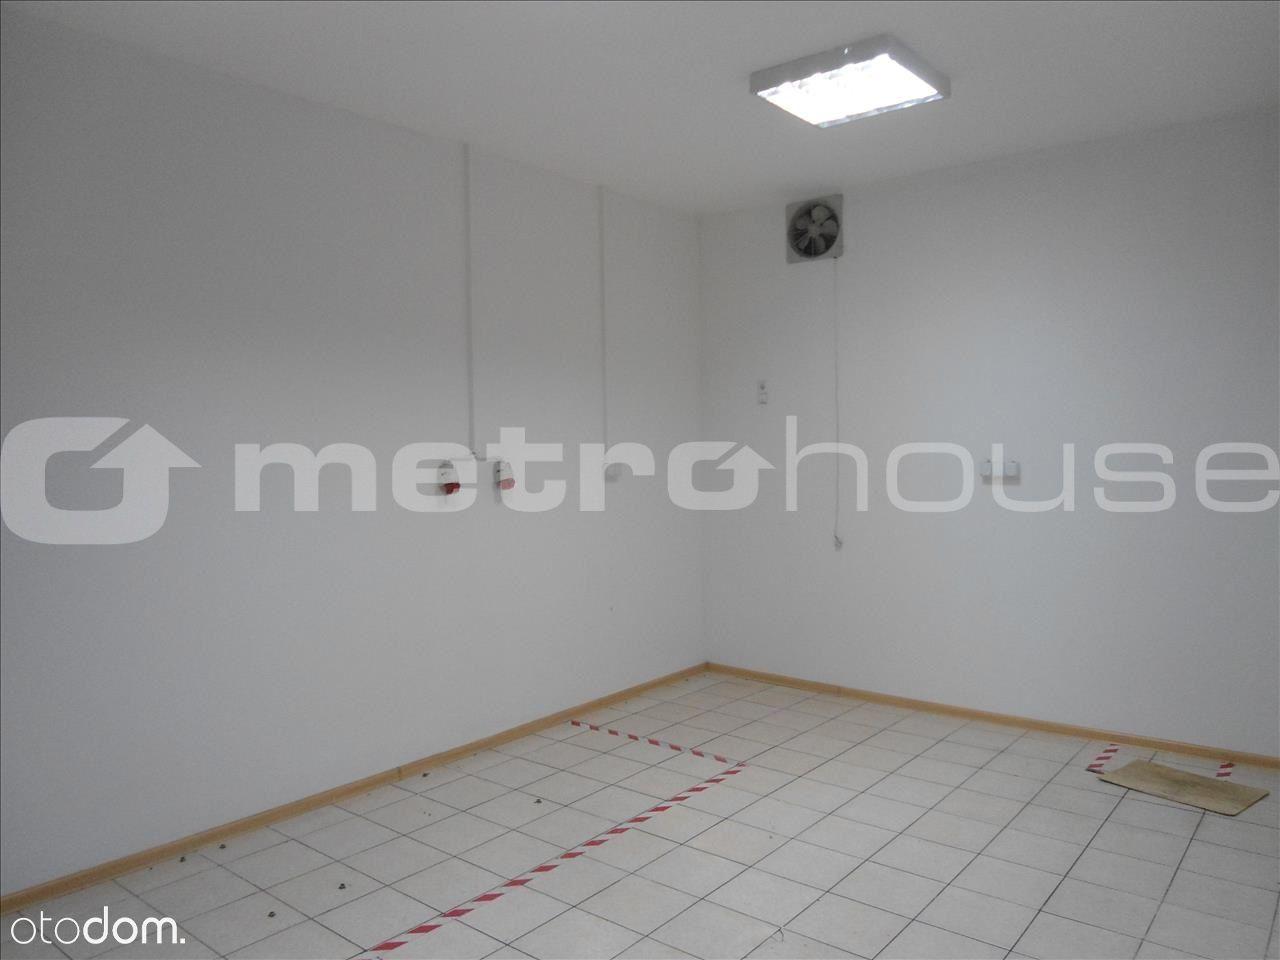 Lokal użytkowy na sprzedaż, Wałbrzych, Szczawienko - Foto 2